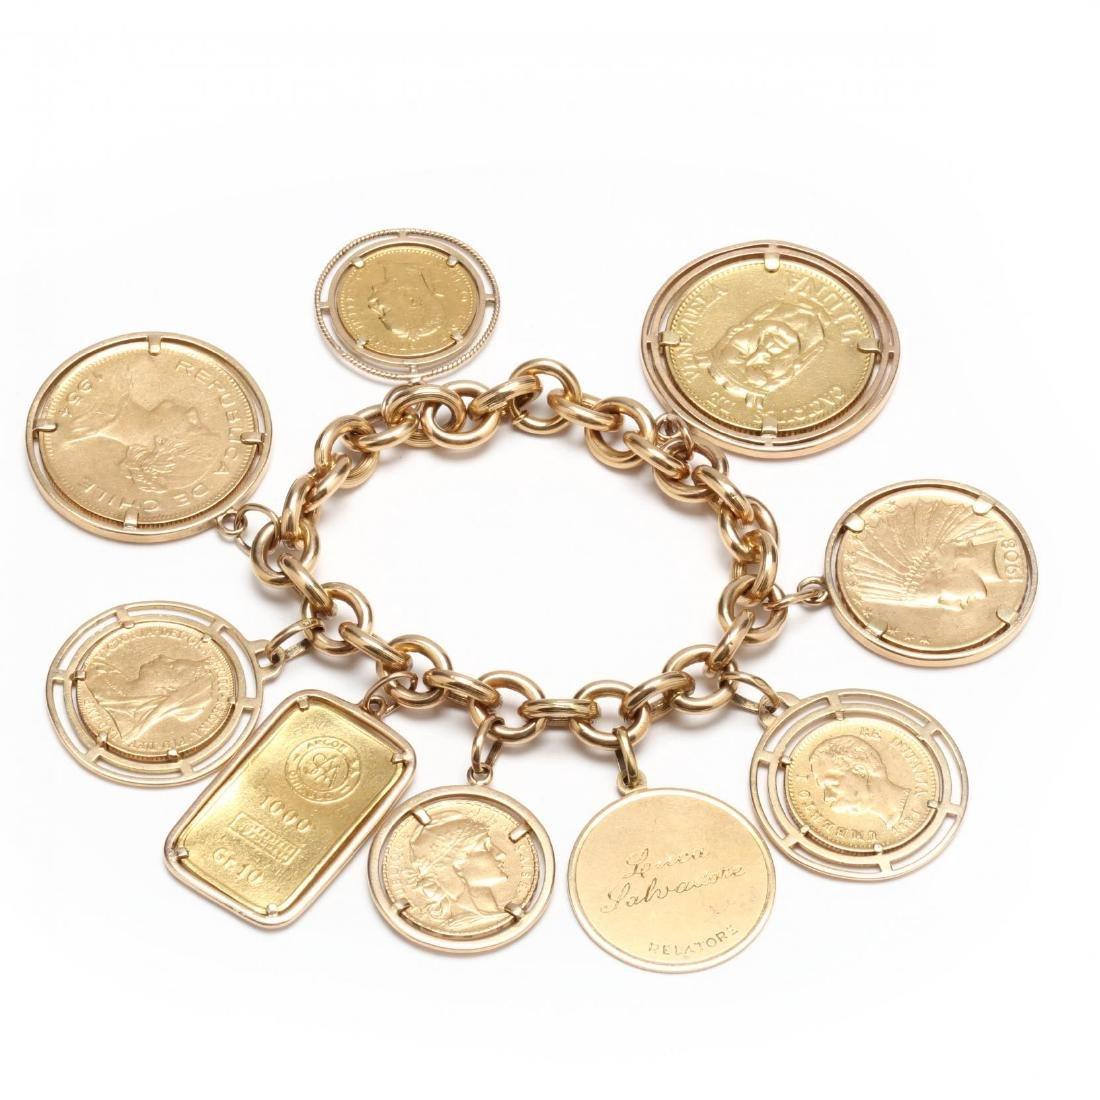 An 18KT Gold Bracelet with a Gold Charm, a Gold Bar,